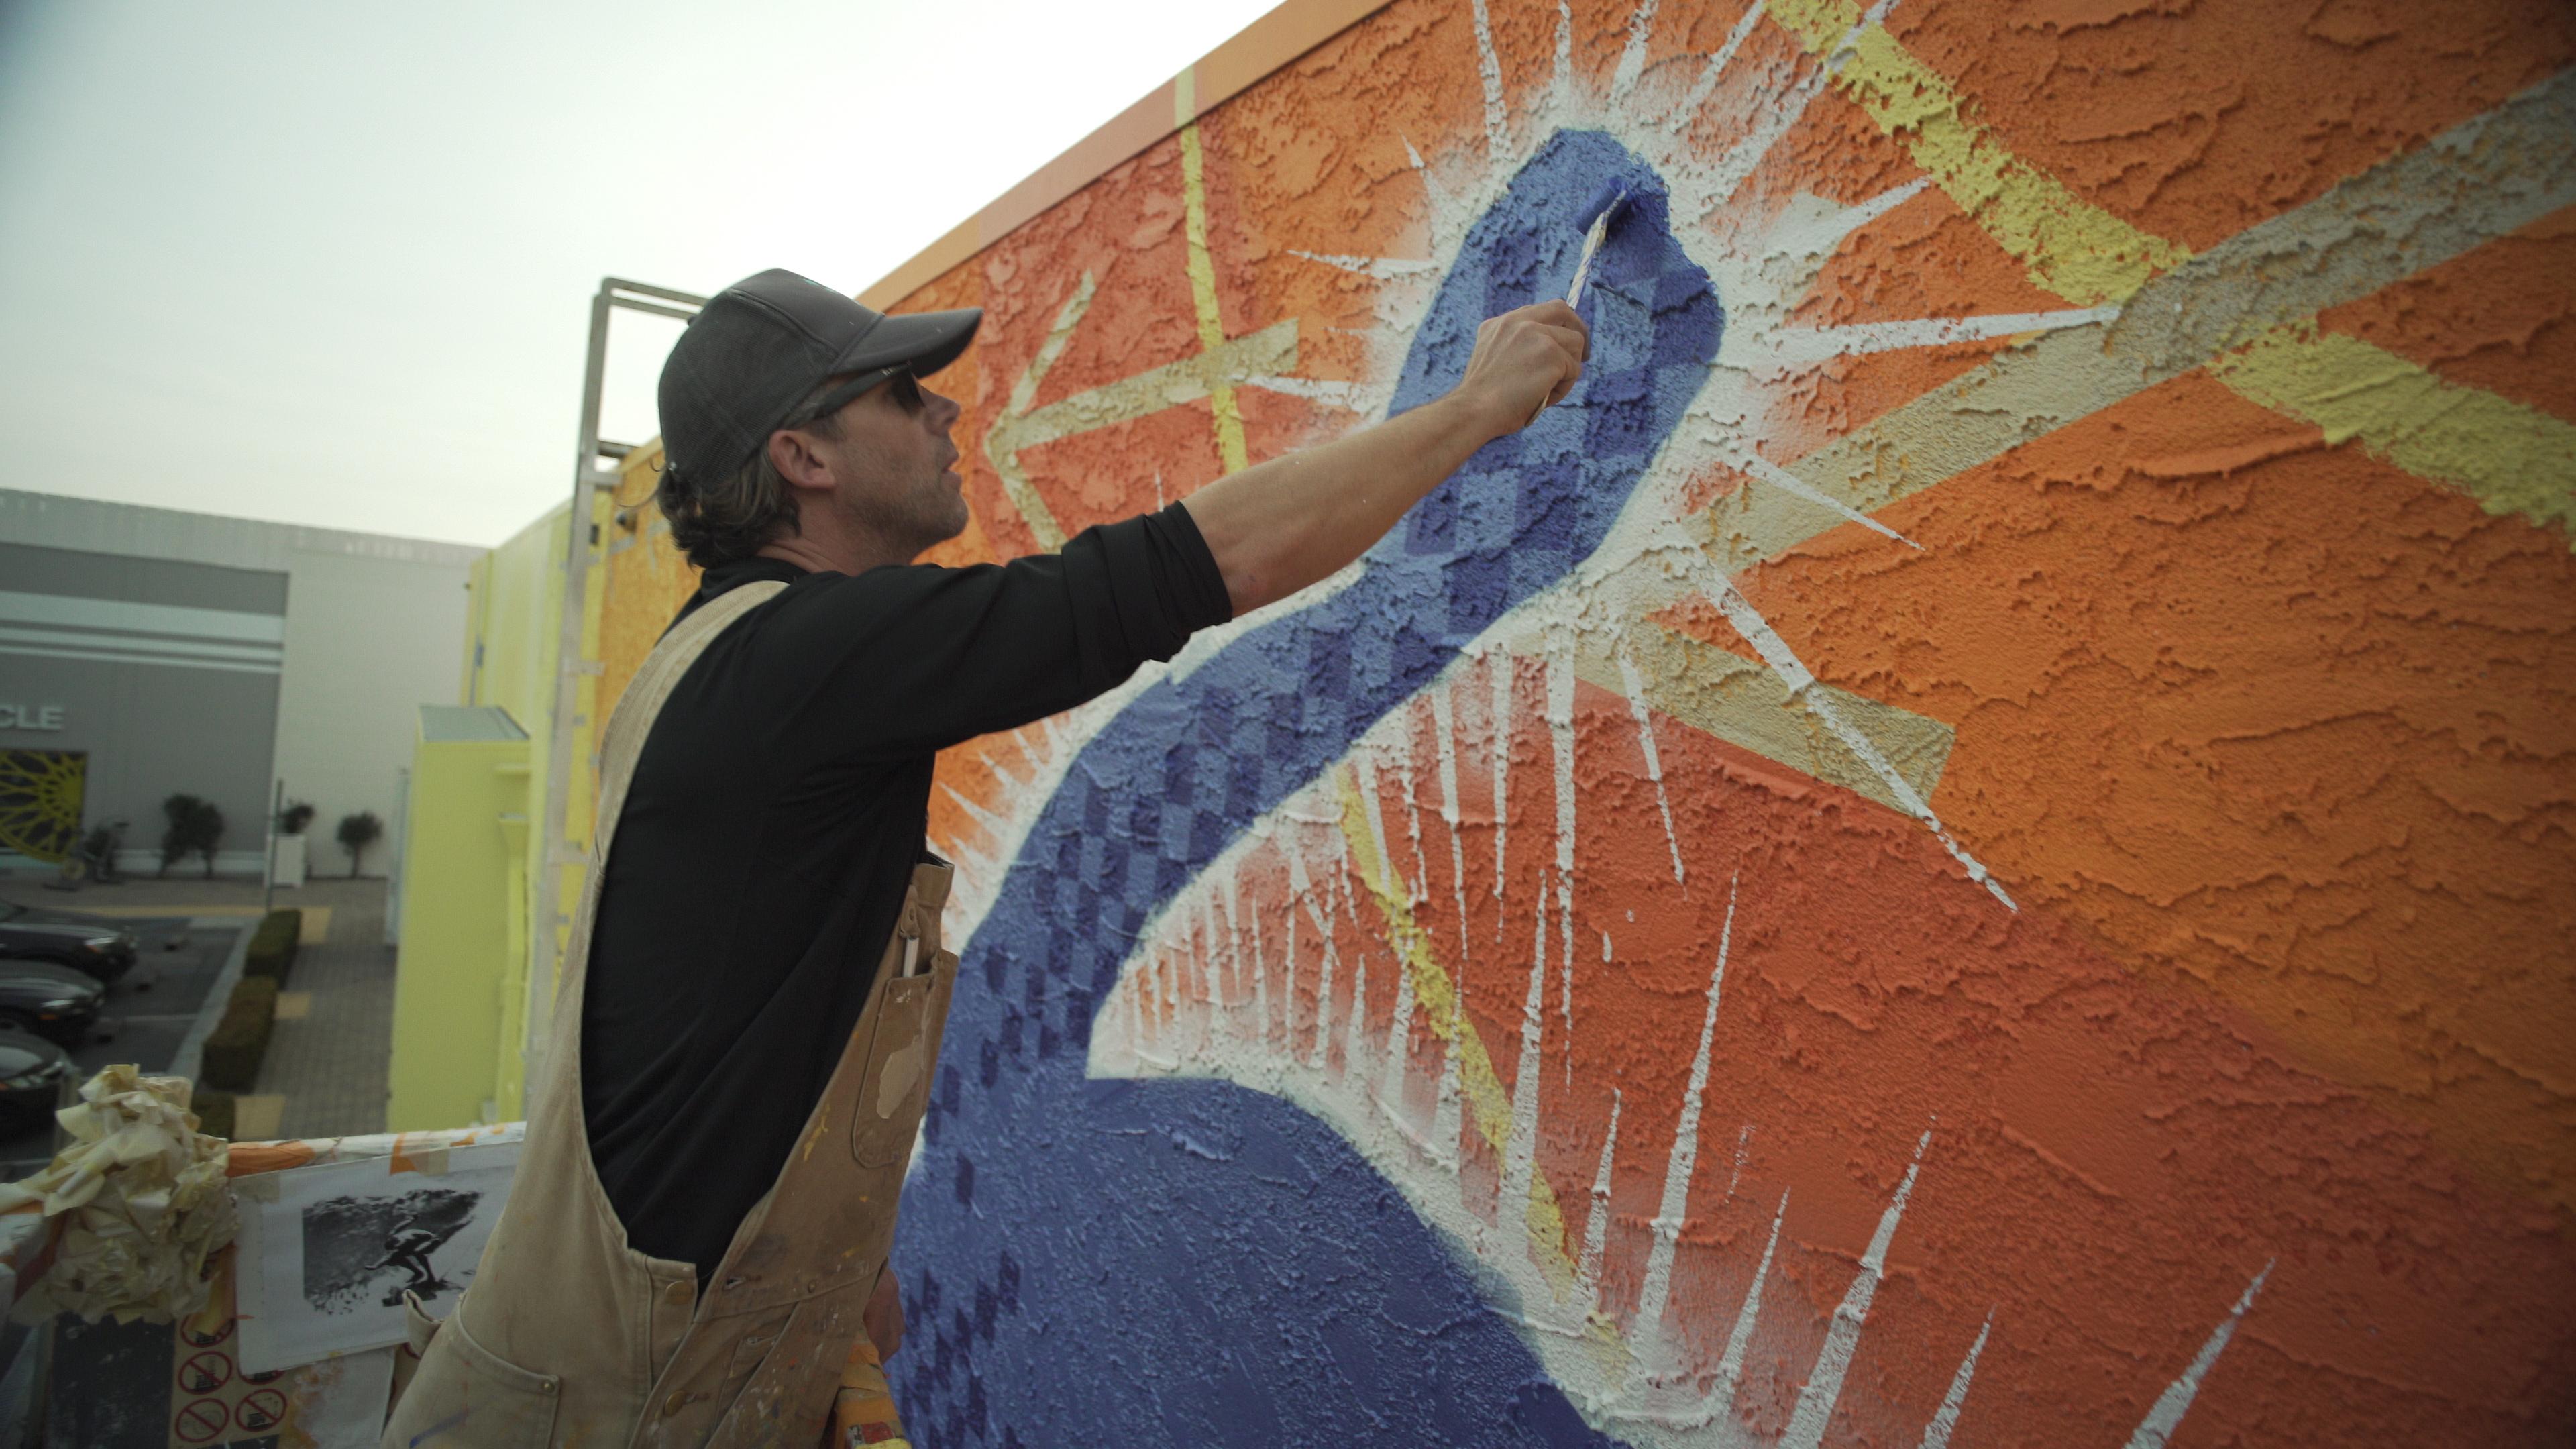 Malibu mural in progress